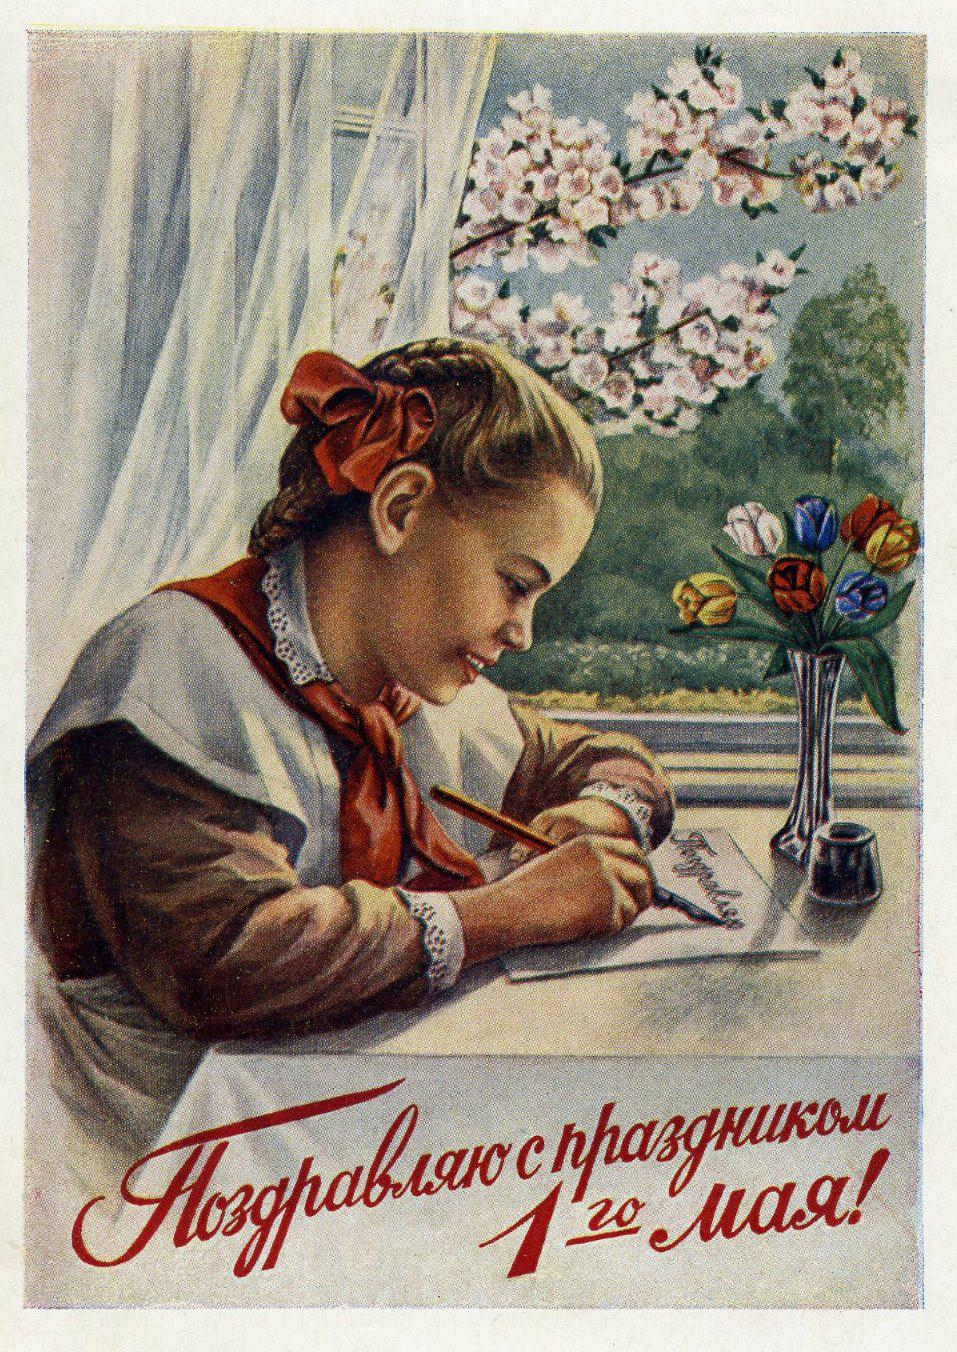 Ich gratuliere zum Feiertag, dem 1. Mai!